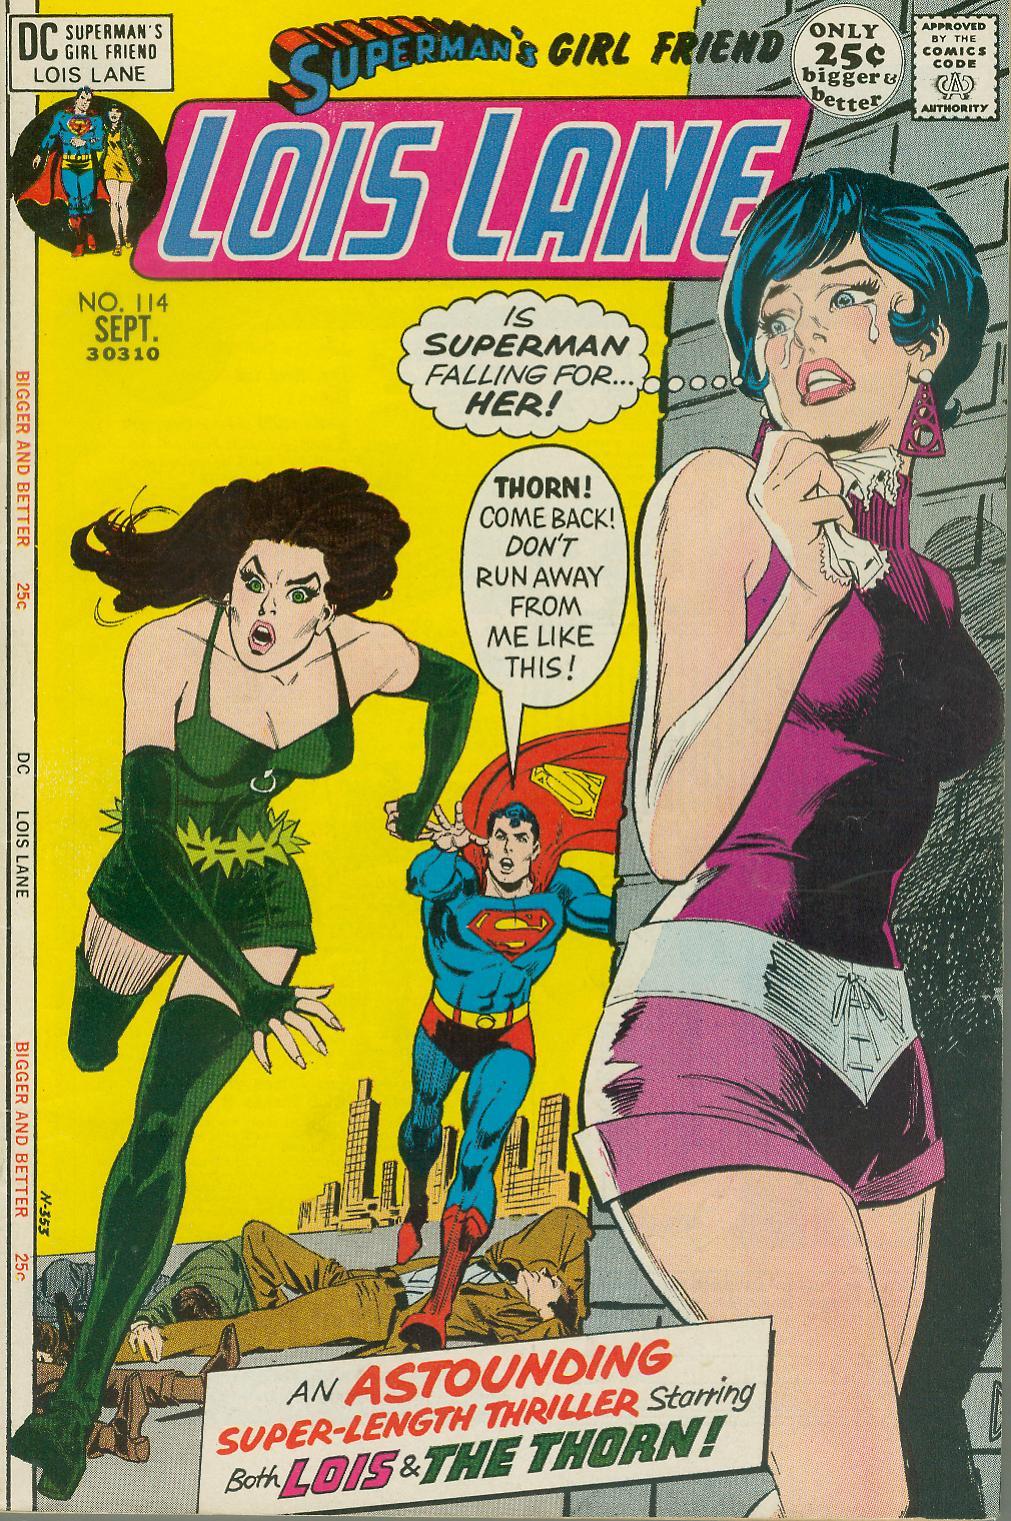 Supermans Girl Friend, Lois Lane 114 Page 1